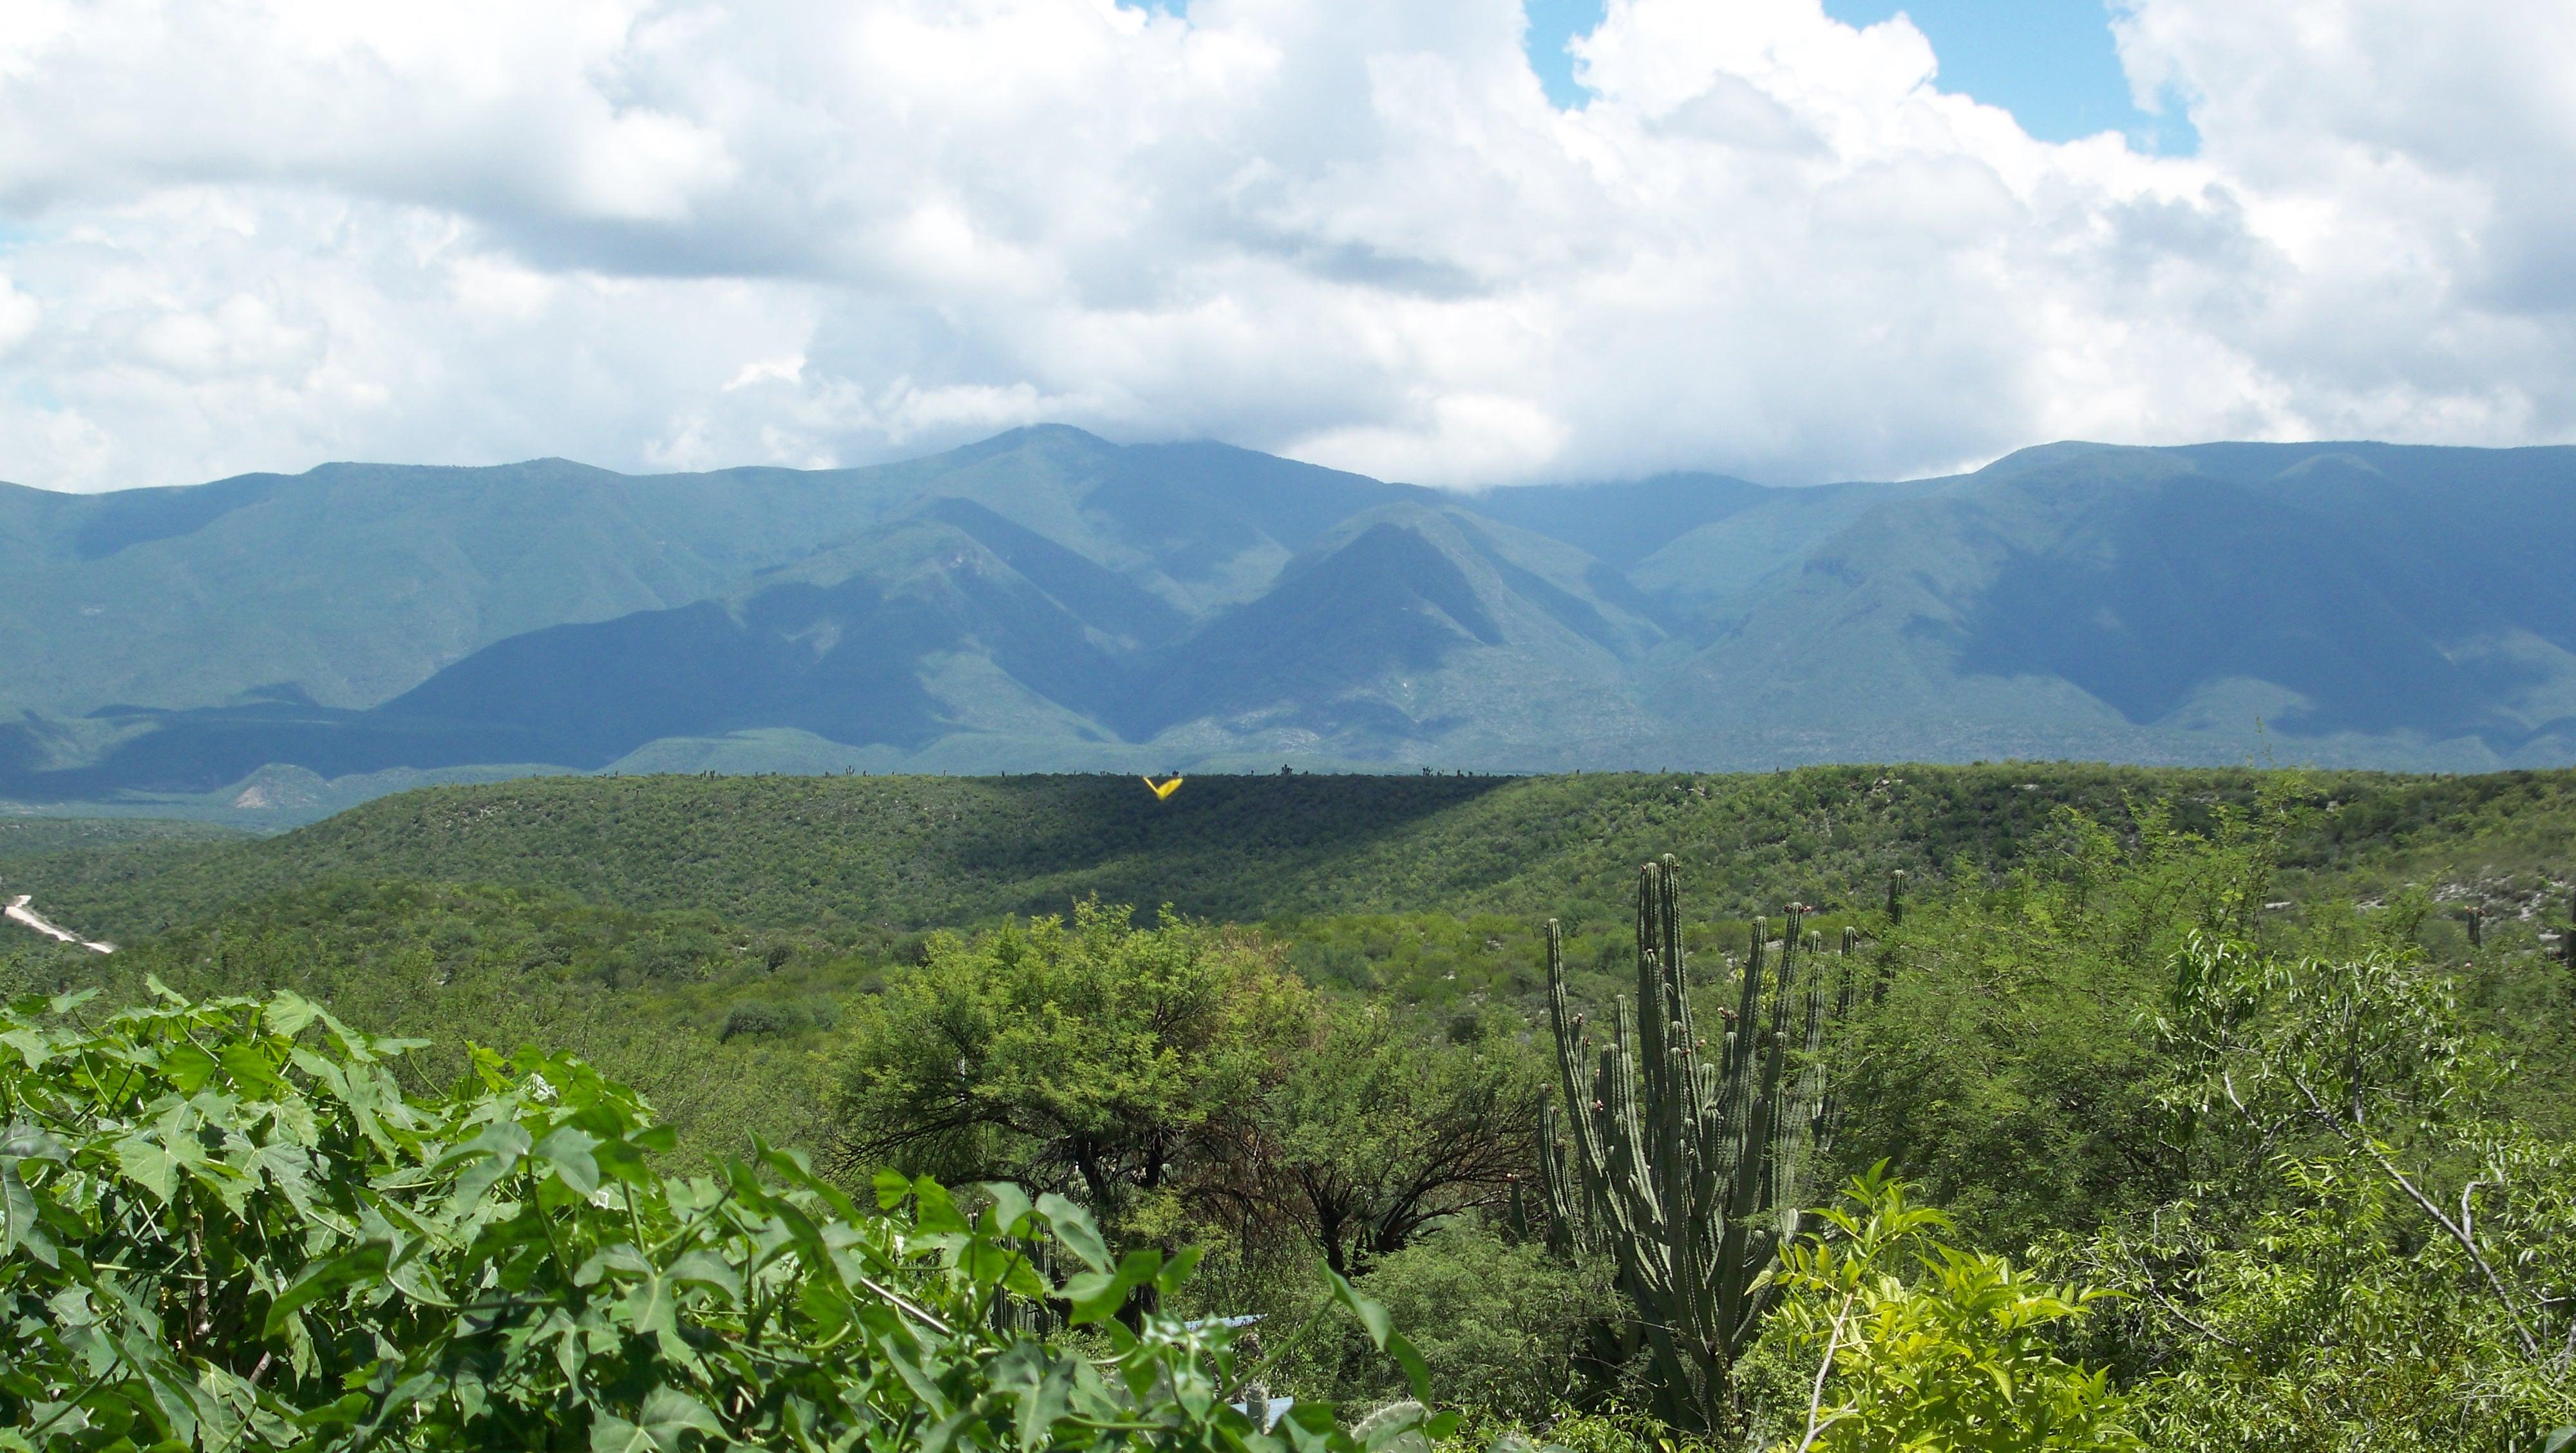 Sierra Sierra Madre Text File:sierra Madre Oriental